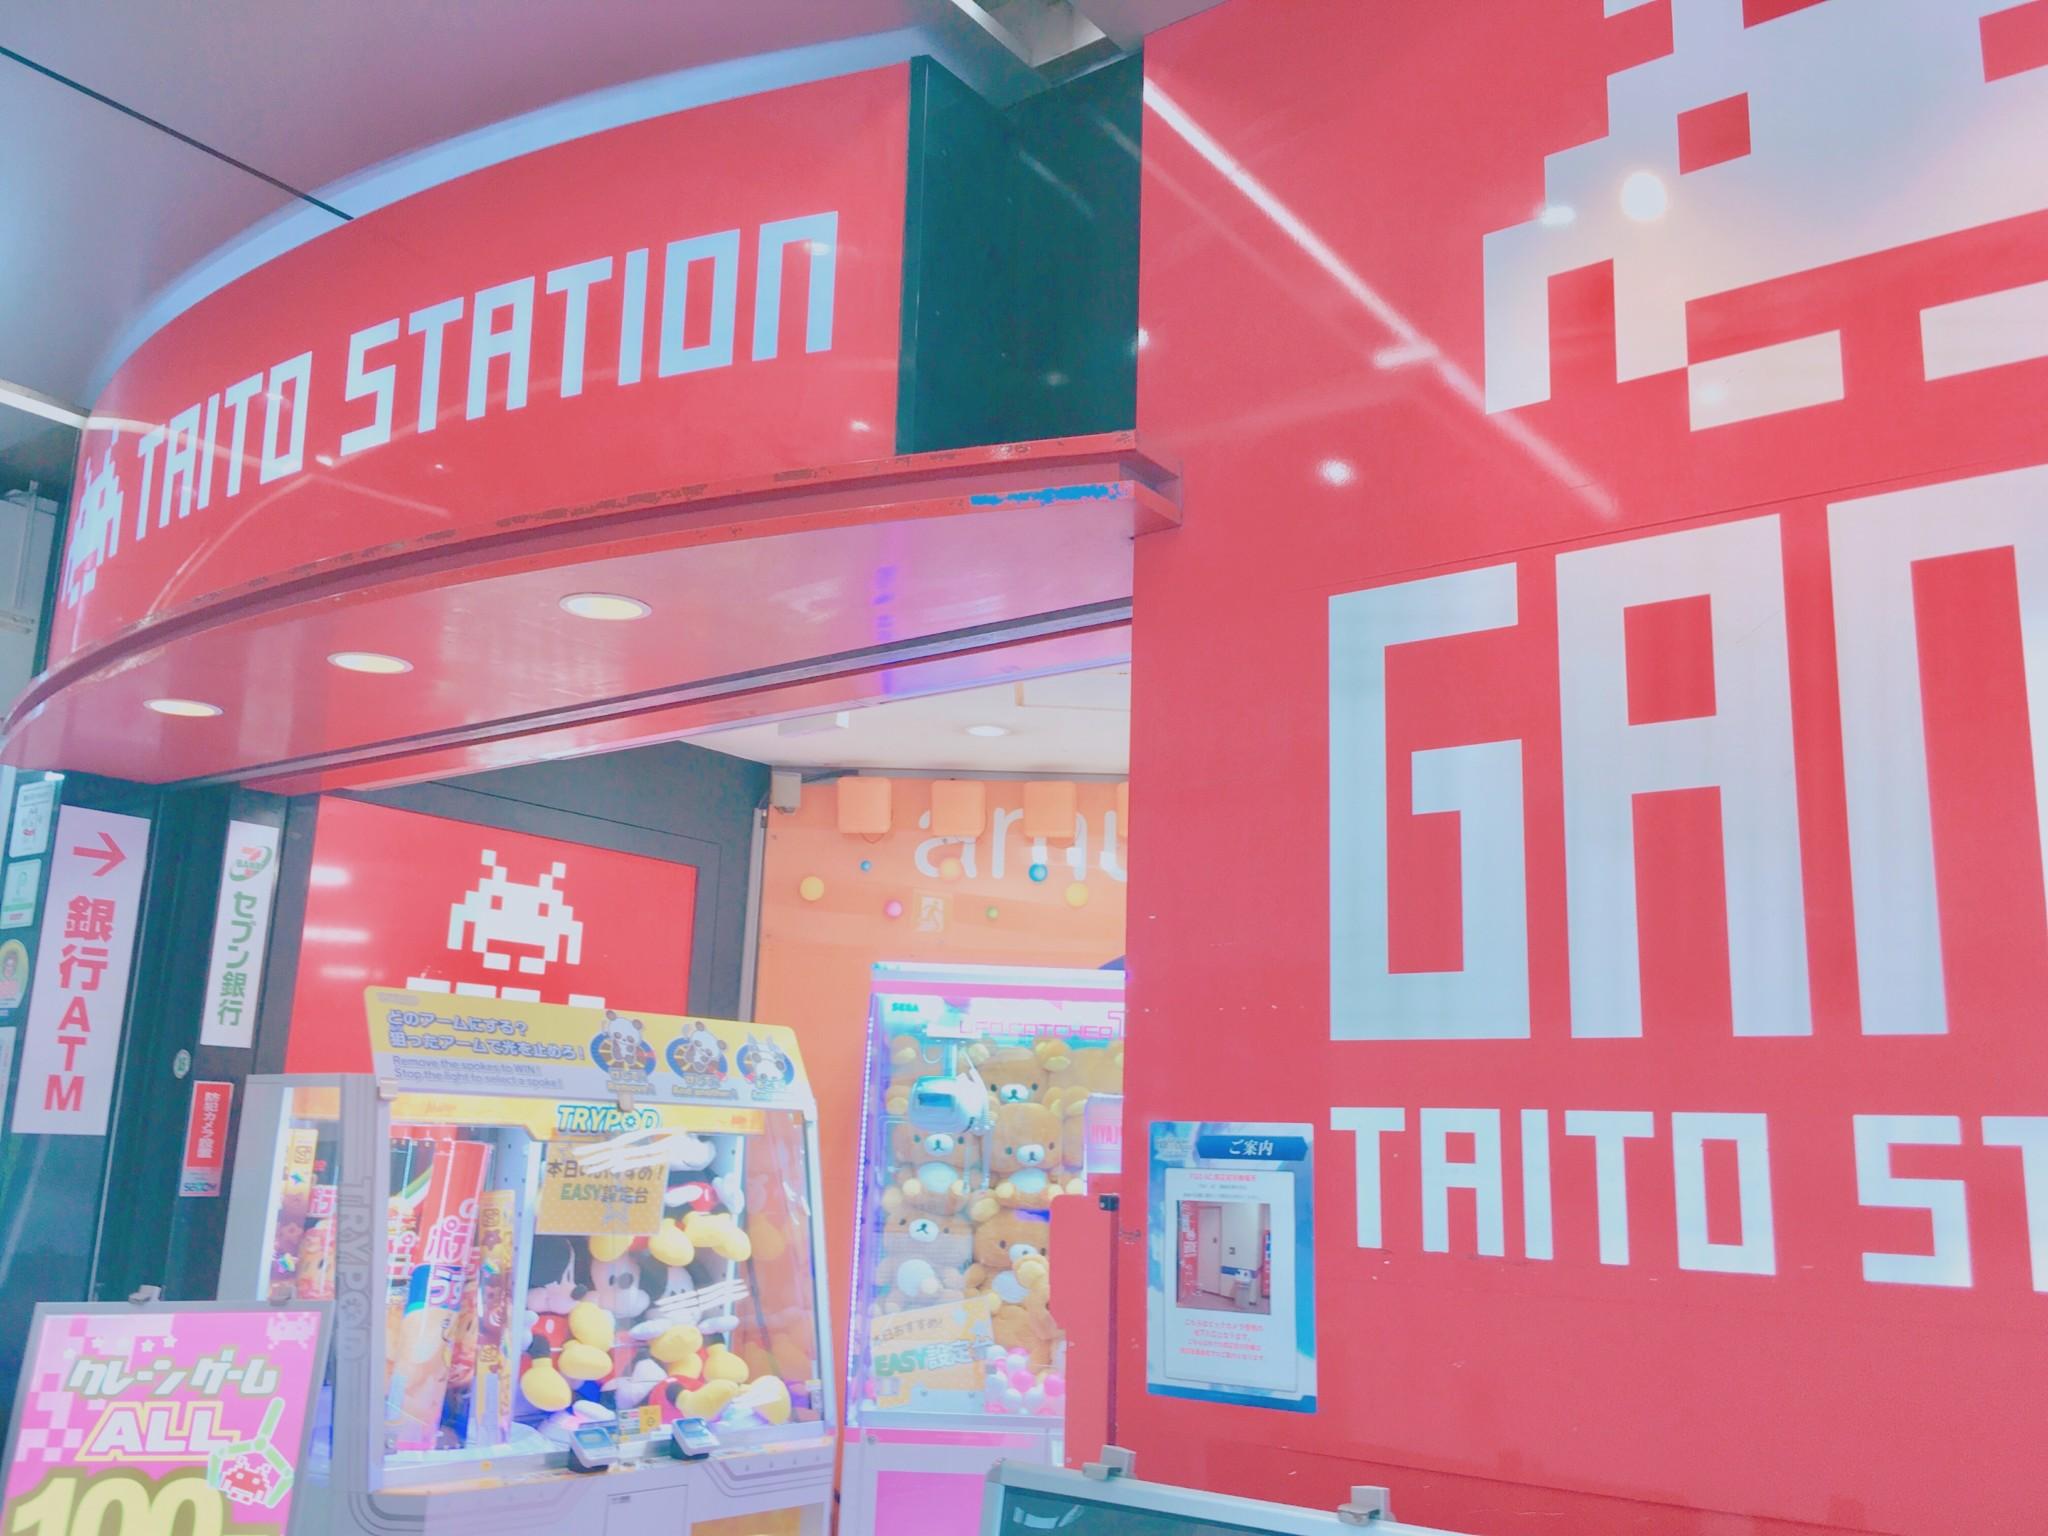 渋谷プリクラが撮れるお店「タイトーステーション」1